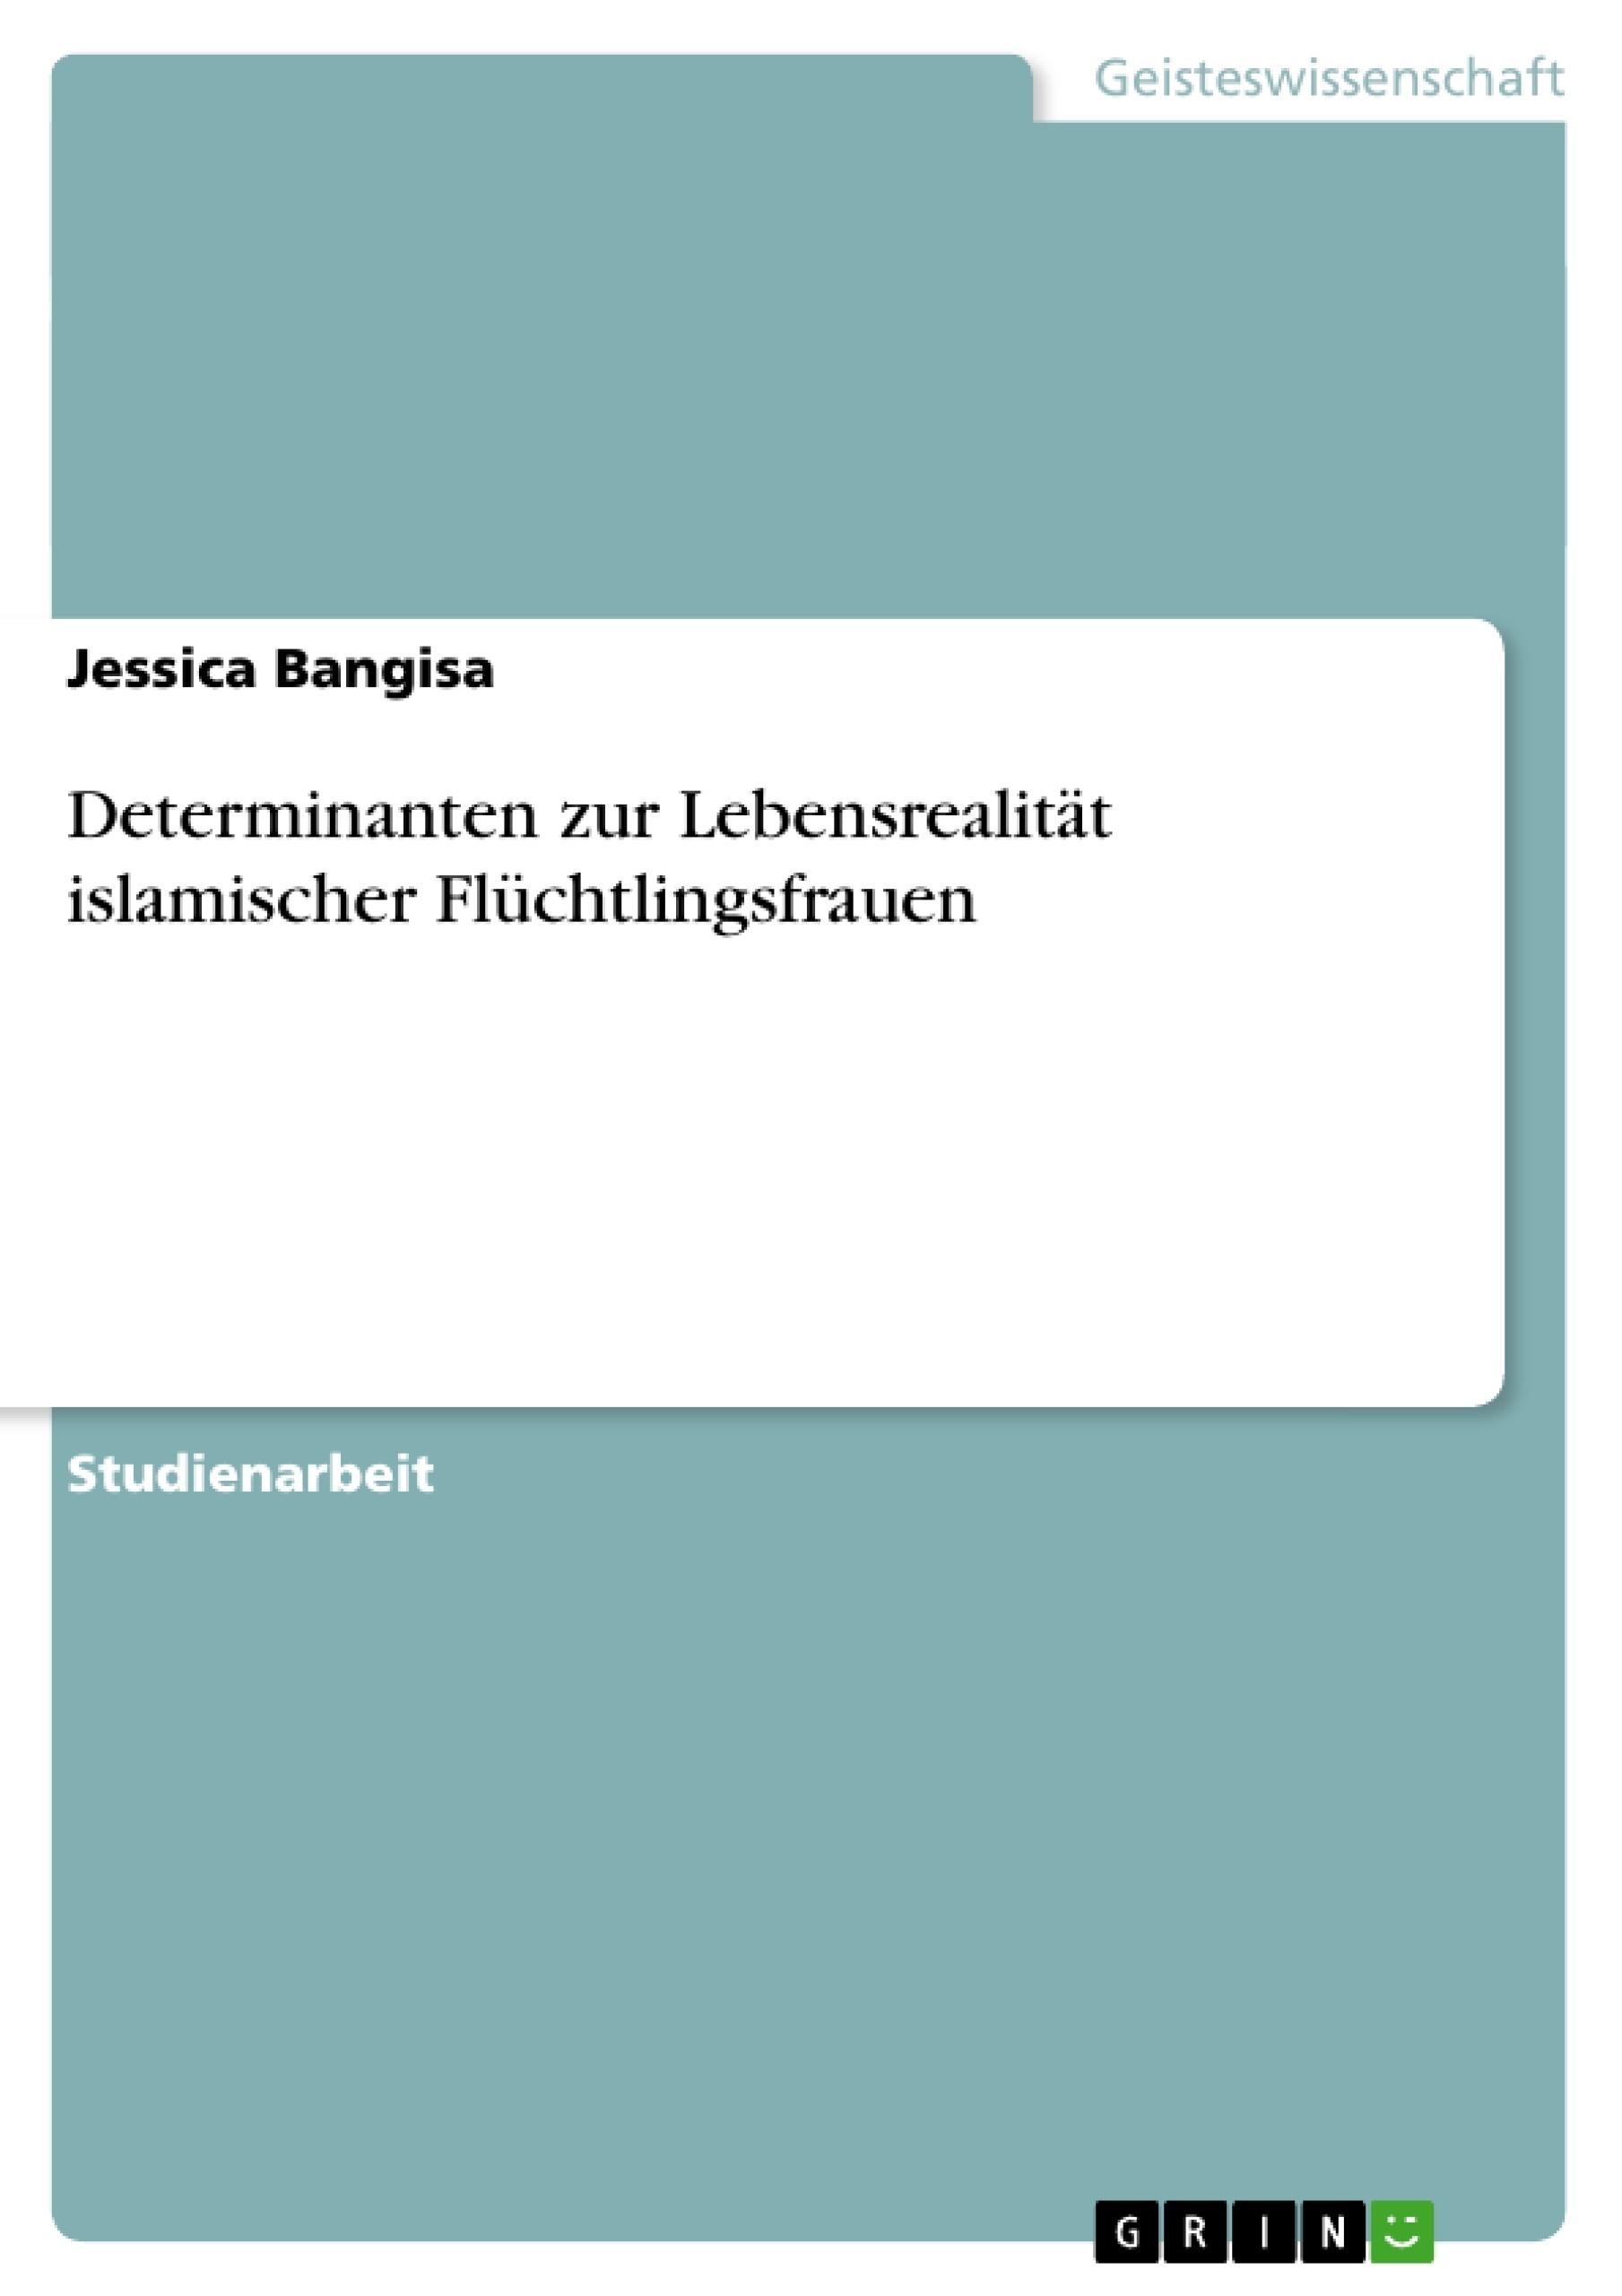 Titel: Determinanten zur Lebensrealität islamischer Flüchtlingsfrauen